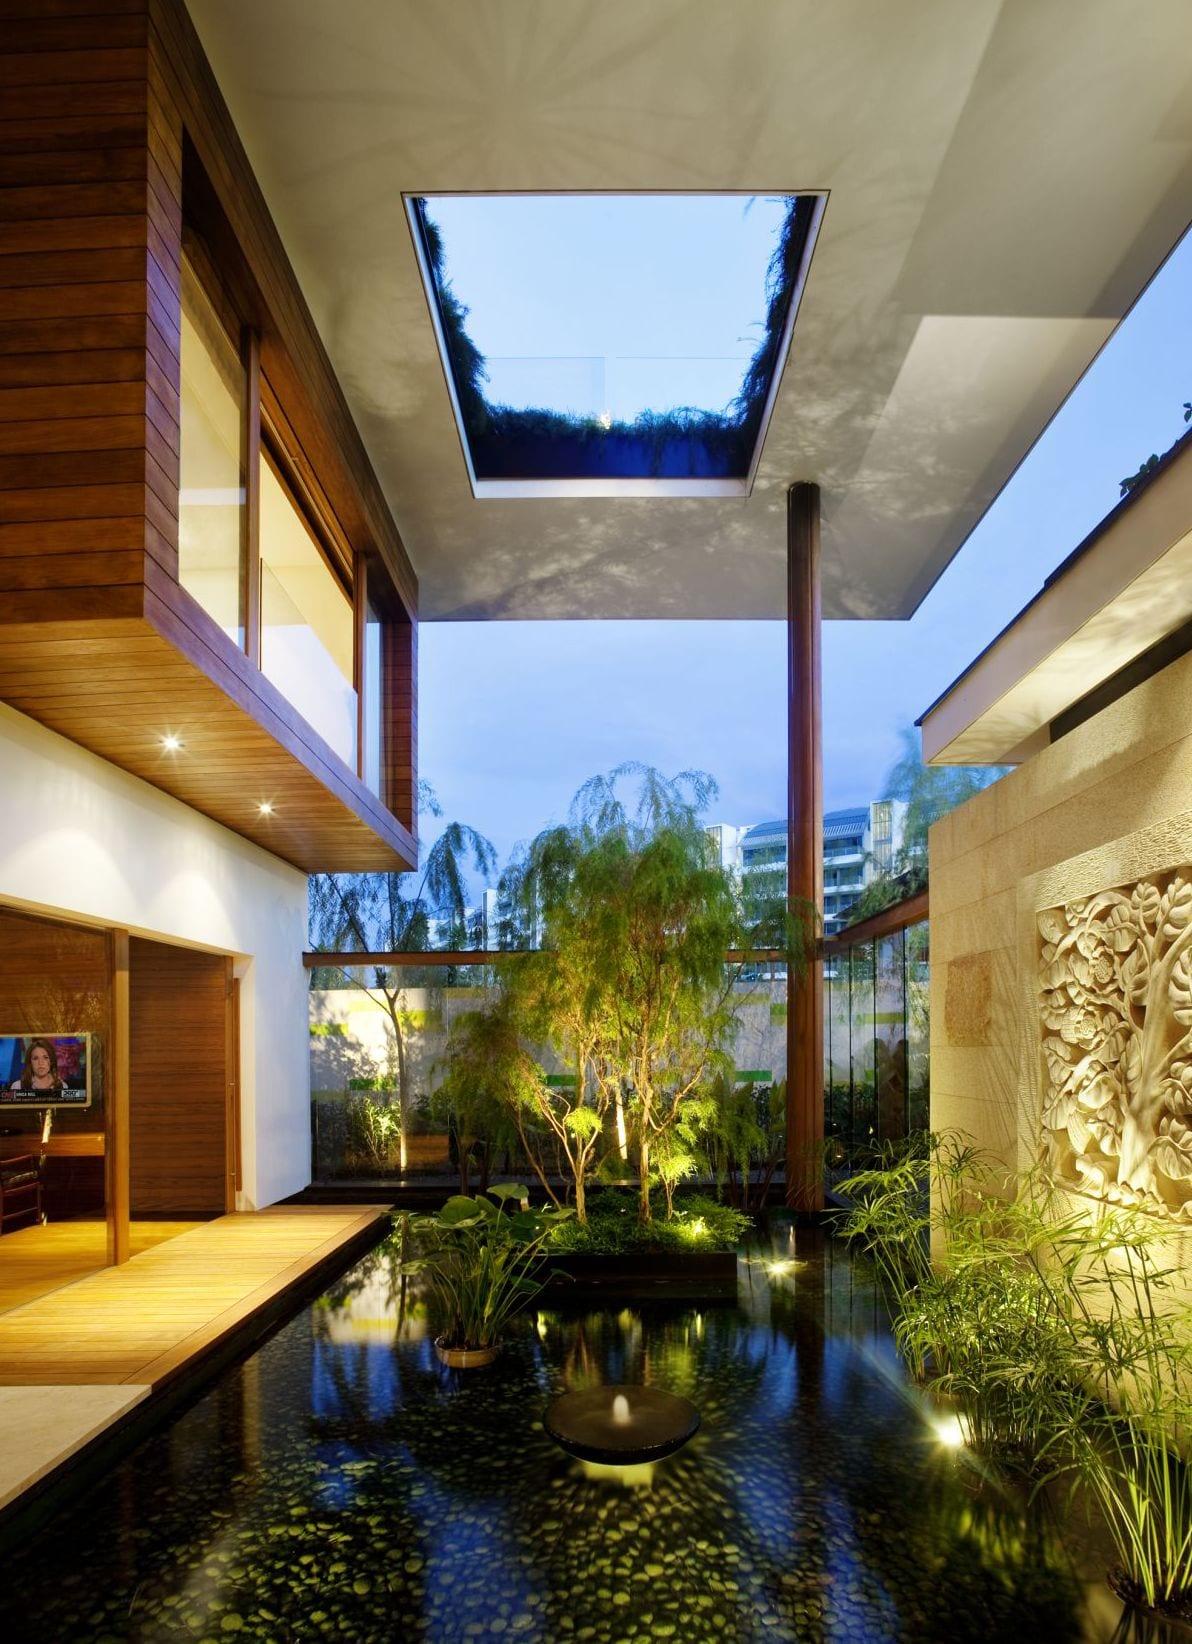 gartenidee mit wasser-überdachte terrasse mit dachterrasse-garten mit wißer Natursteinmauer